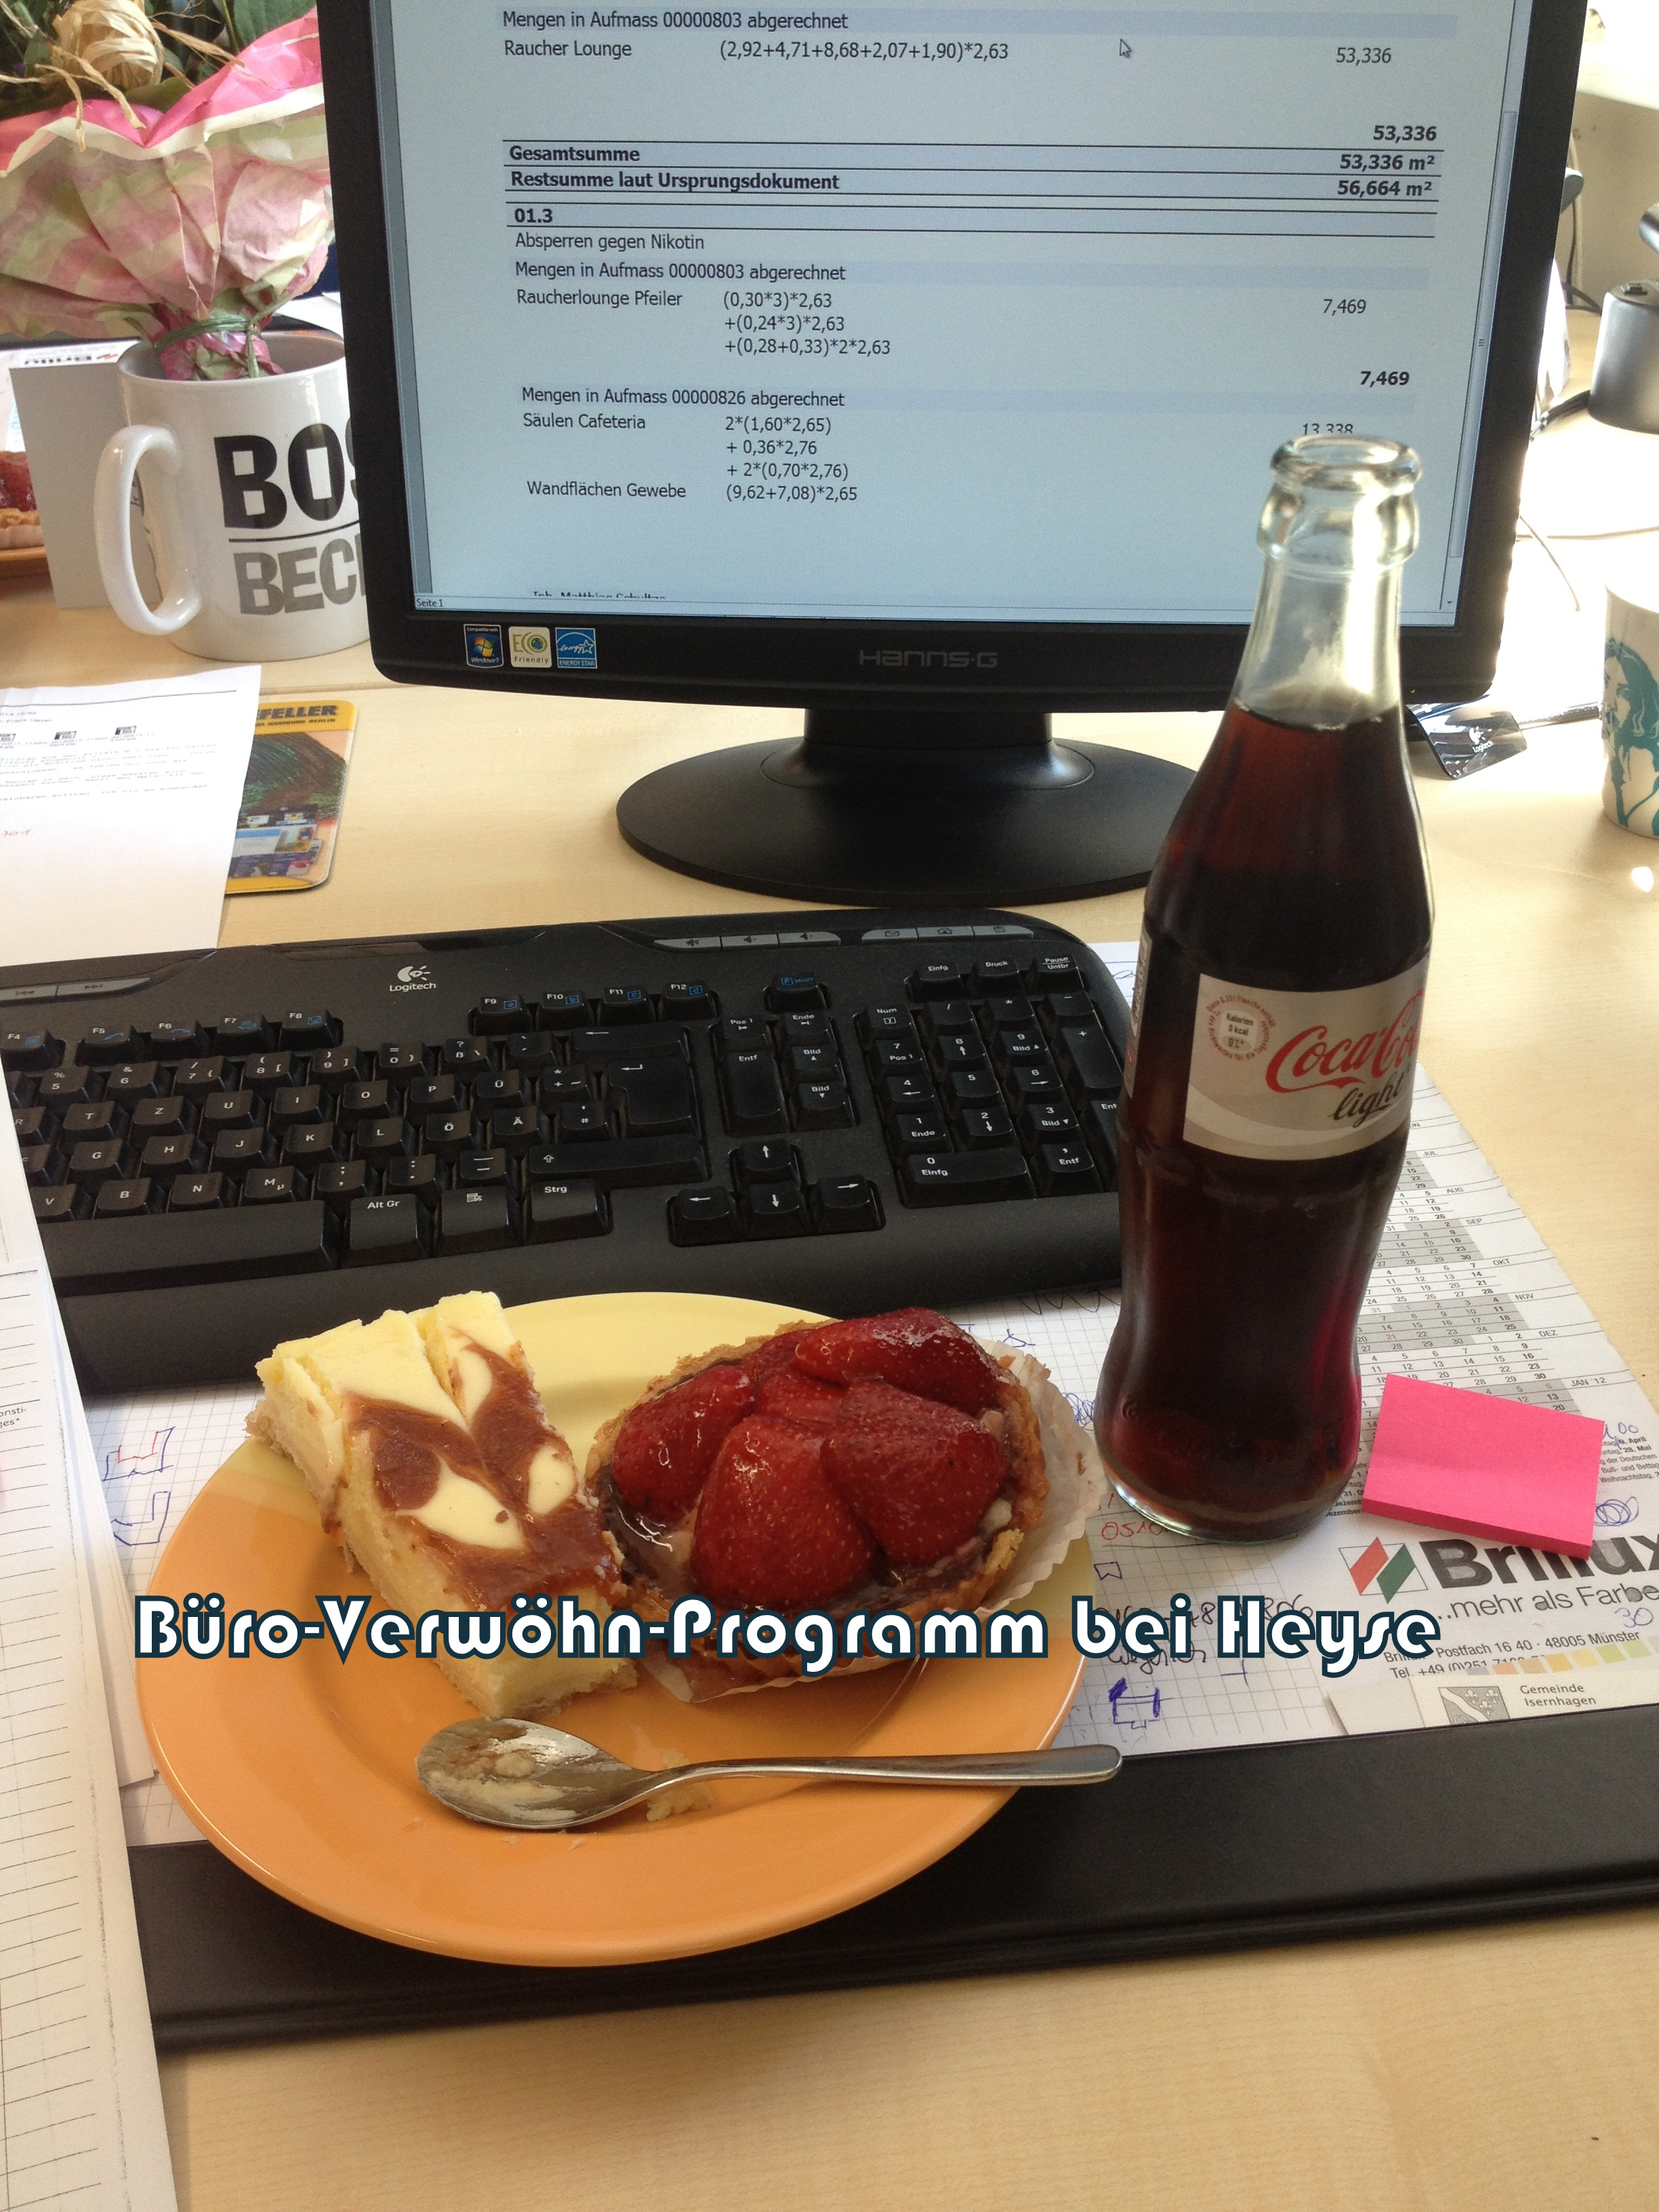 Buroarbeit So Werden Wir Im Buro Verwohnt Einblick Kuchen Cola